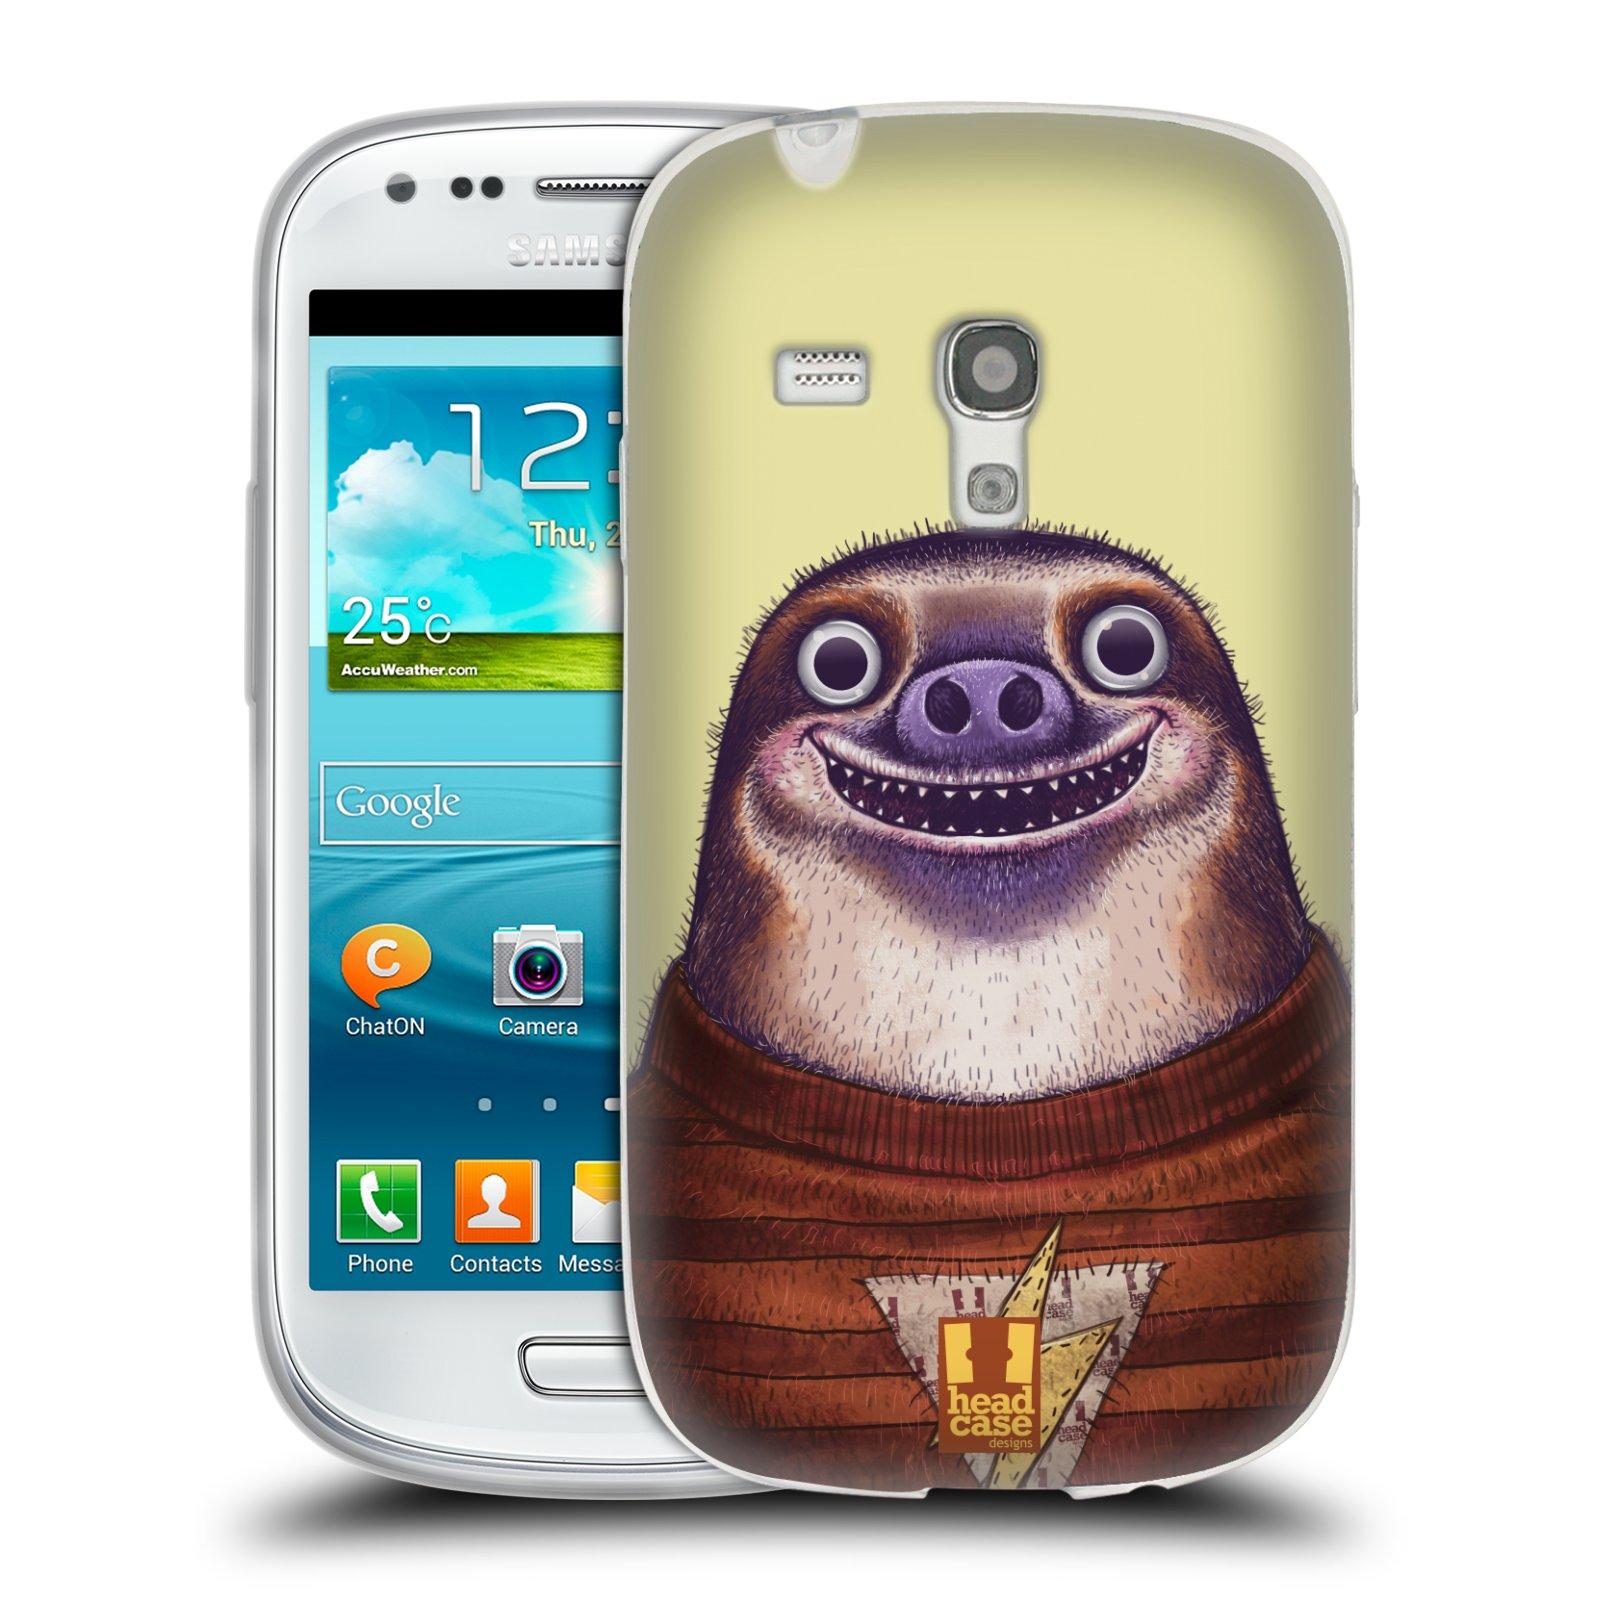 HEAD CASE silikonový obal na mobil Samsung Galaxy S3 MINI i8190 vzor Kreslená zvířátka lenochod